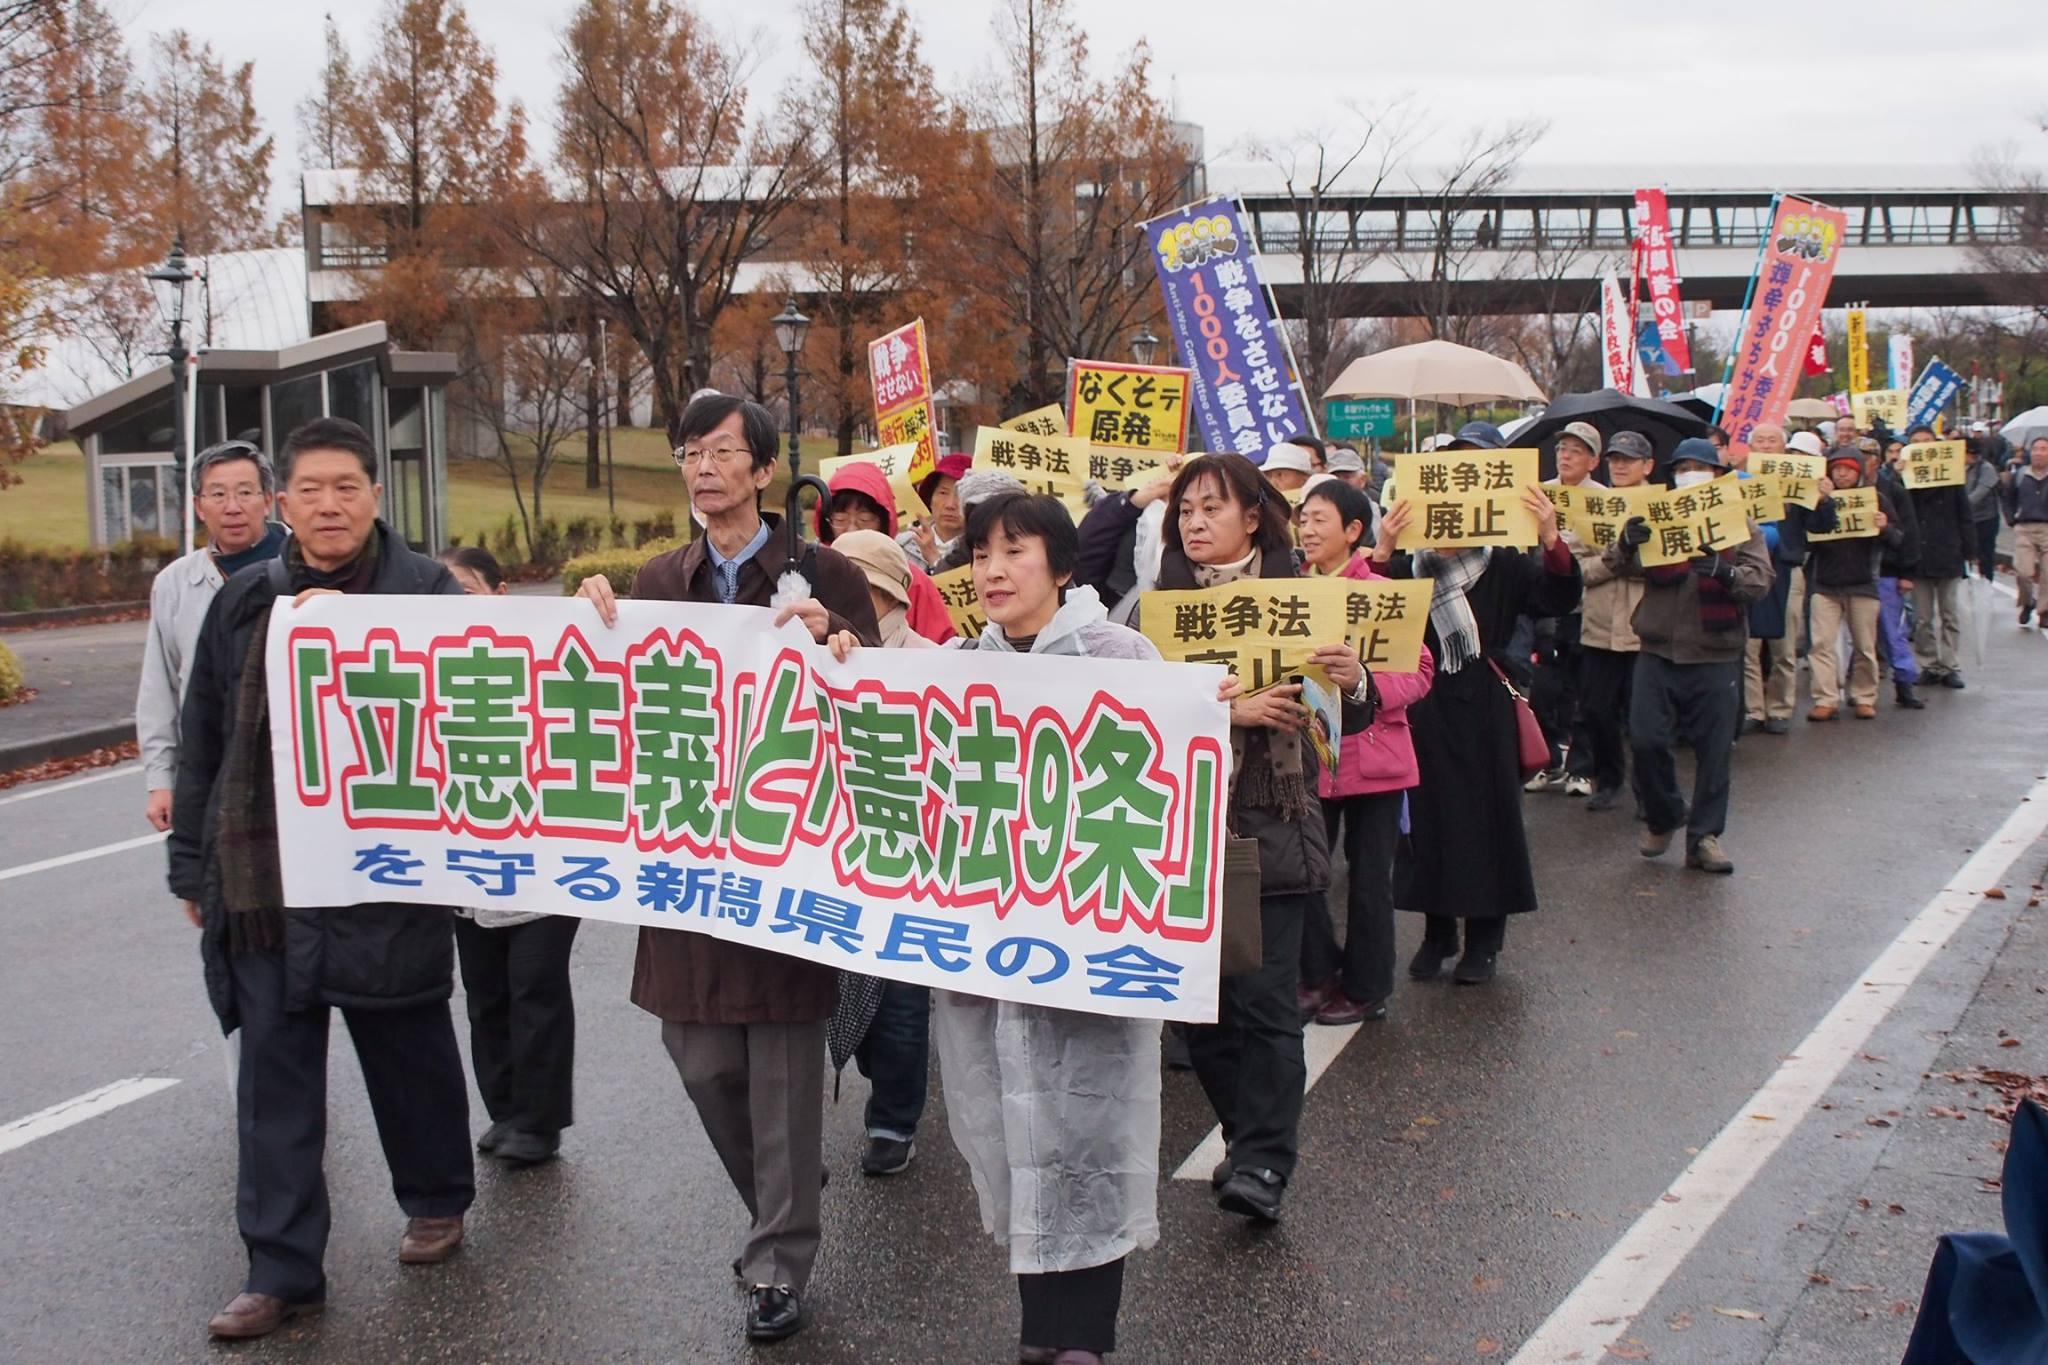 【立憲主義と憲法9条をまもる新潟県民の集いin nagaoka】-4